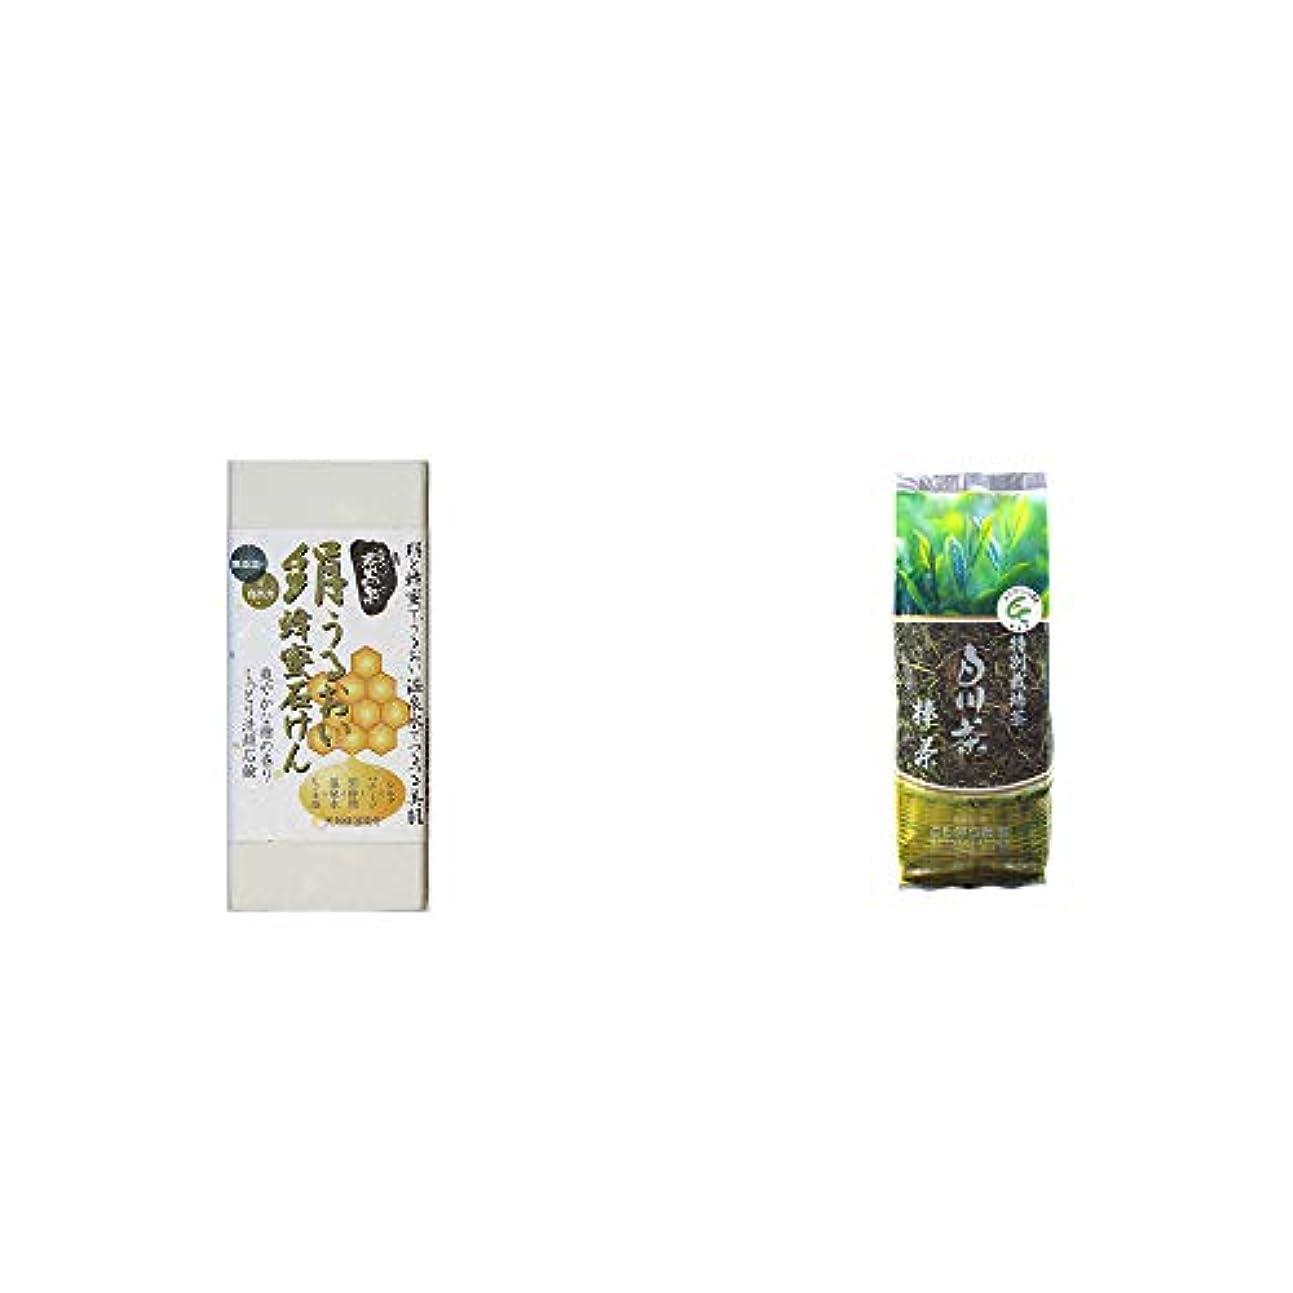 資料苦微弱[2点セット] ひのき炭黒泉 絹うるおい蜂蜜石けん(75g×2)?白川茶 特別栽培茶【棒茶】(150g)